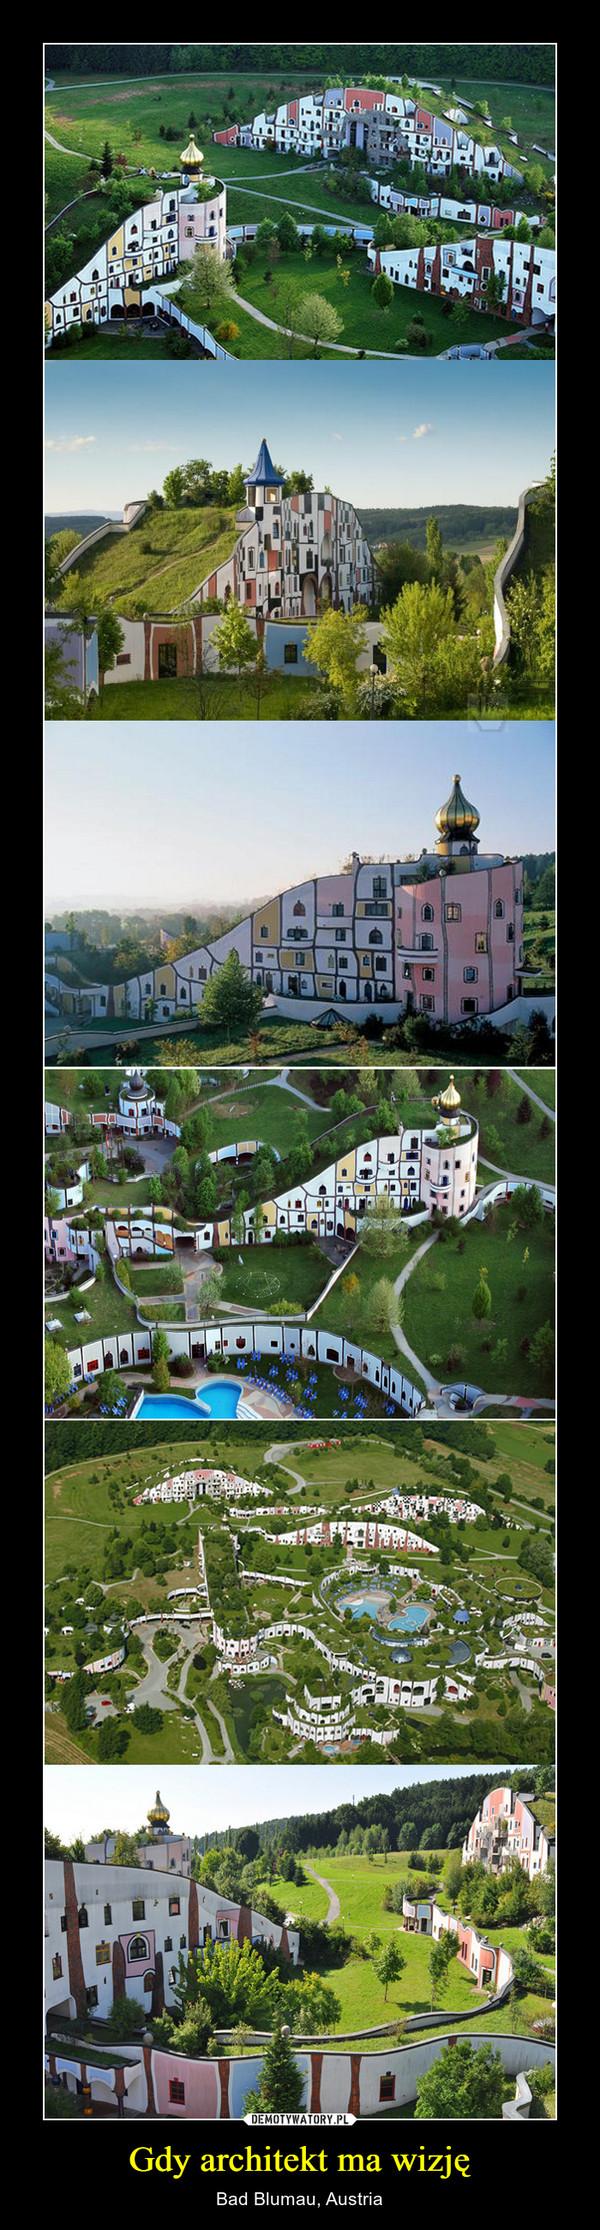 Gdy architekt ma wizję – Bad Blumau, Austria